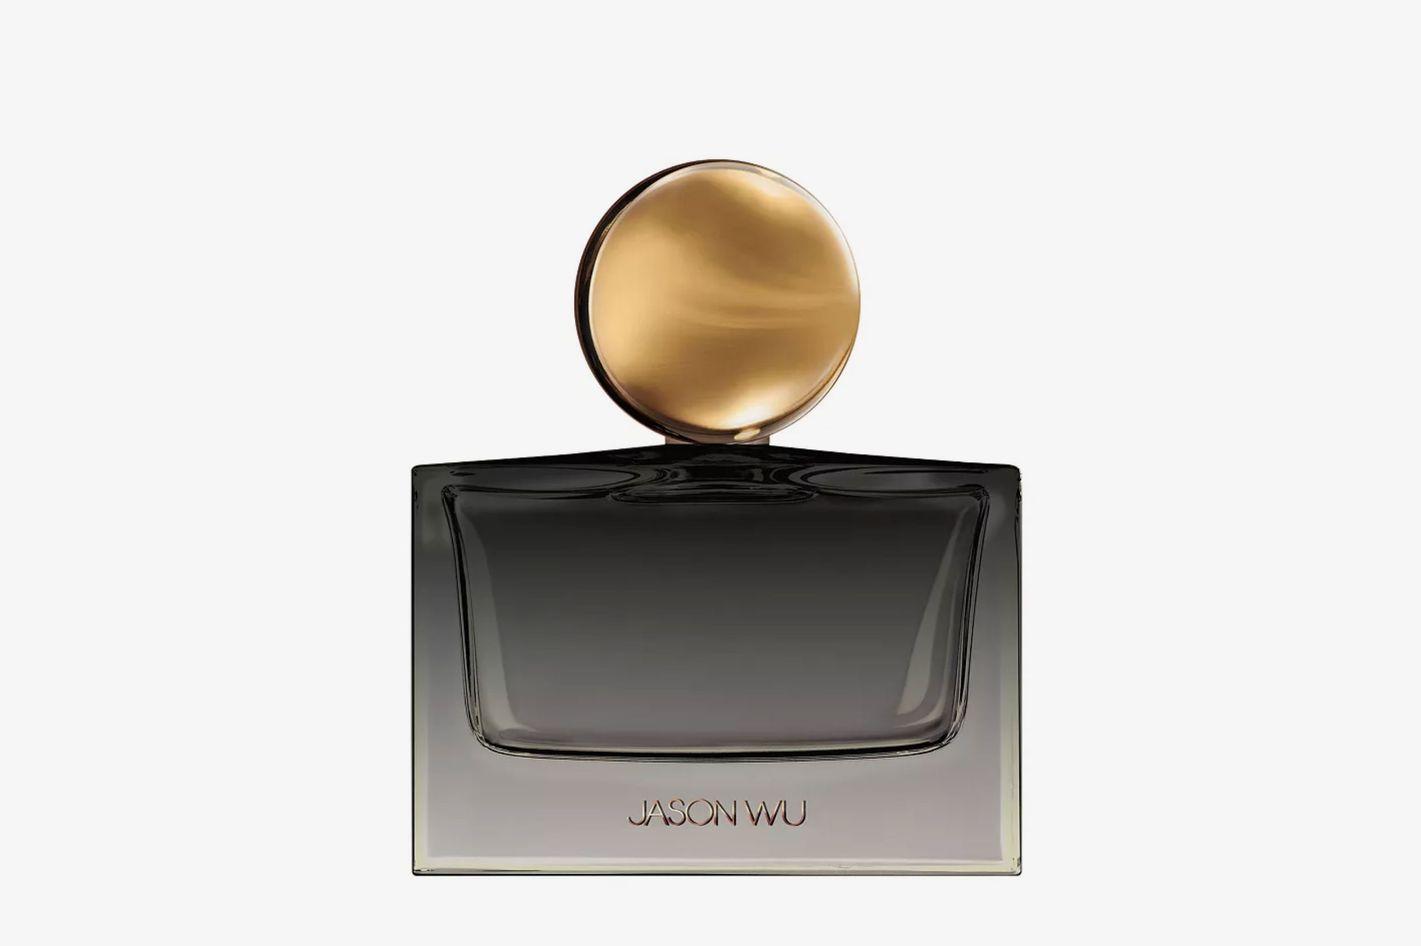 Jason W Velvet Rouge Eau de Parfum